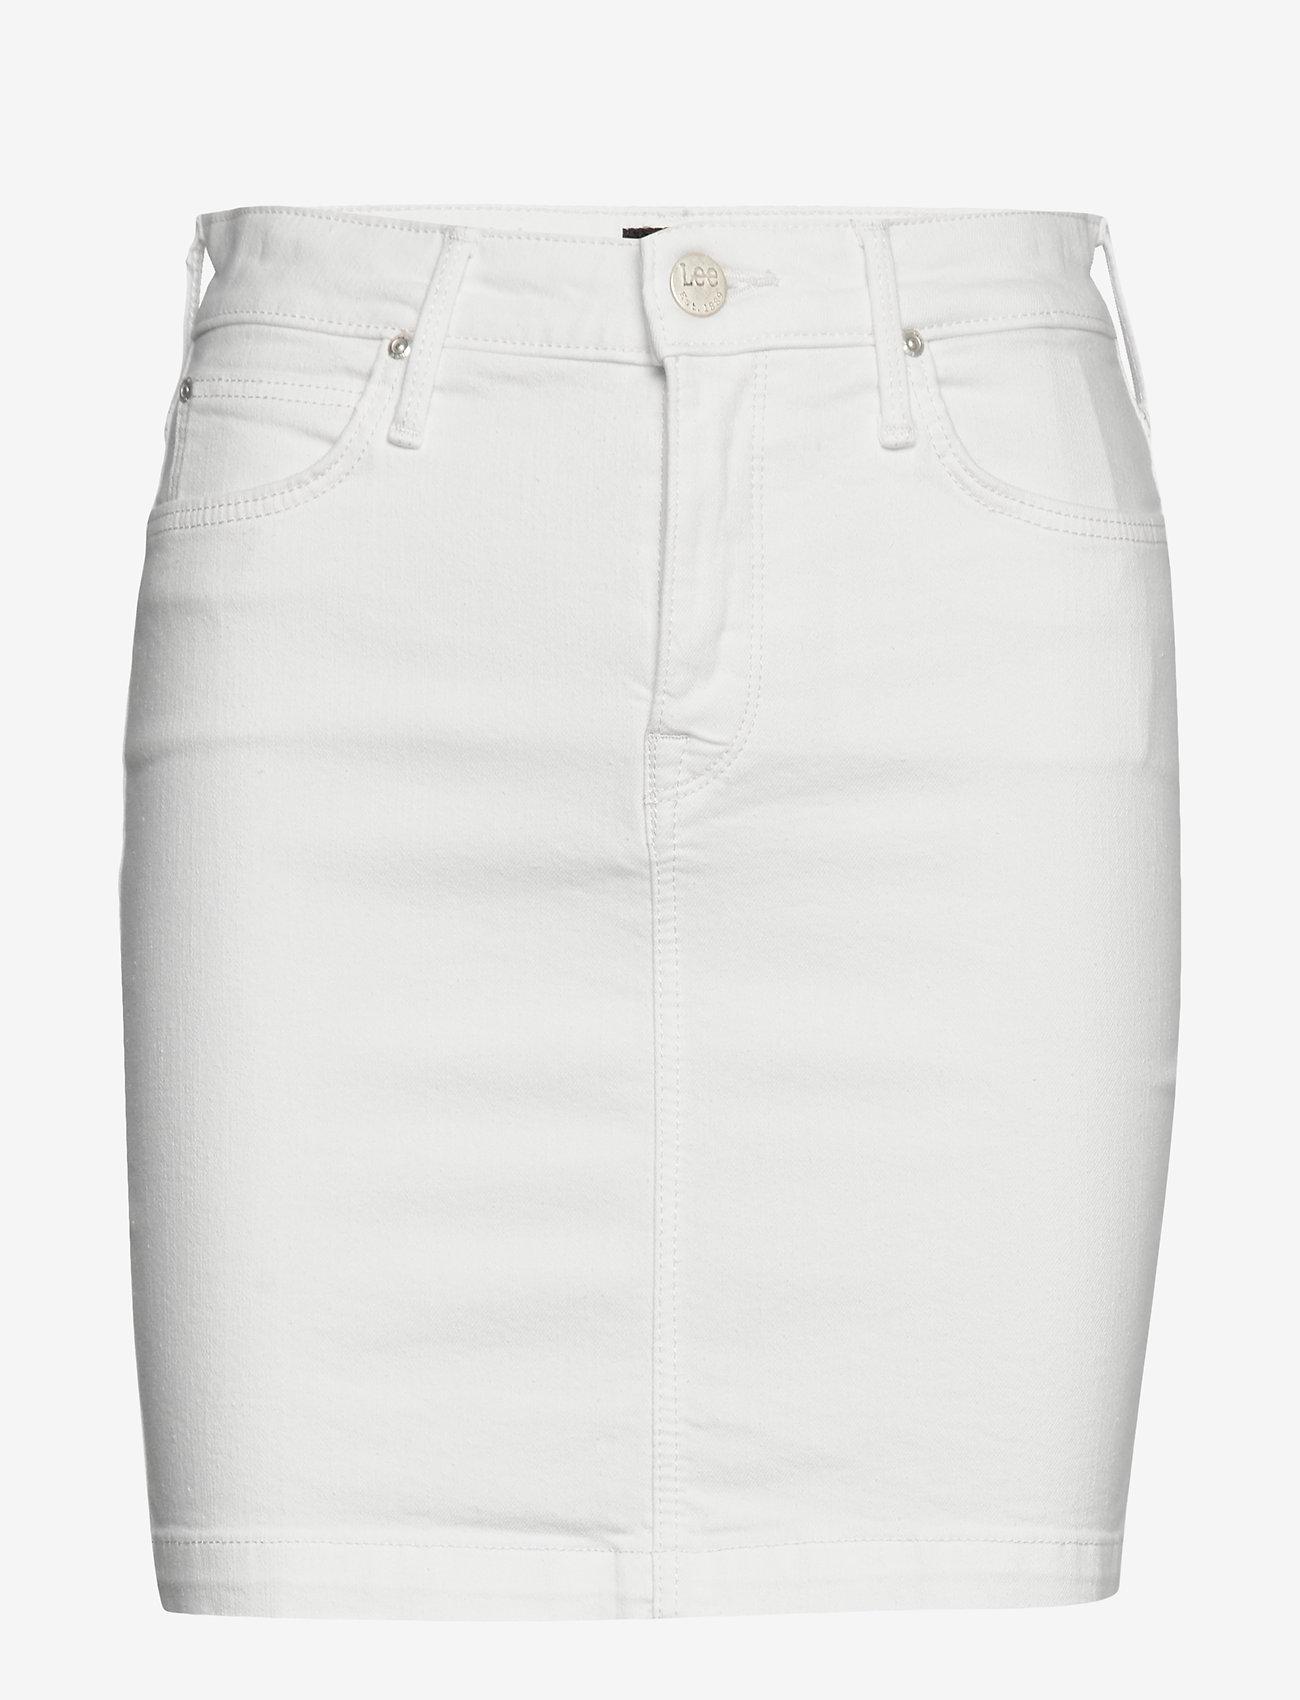 Lee Jeans - MID SKIRT - denimskjørt - rinse - 1